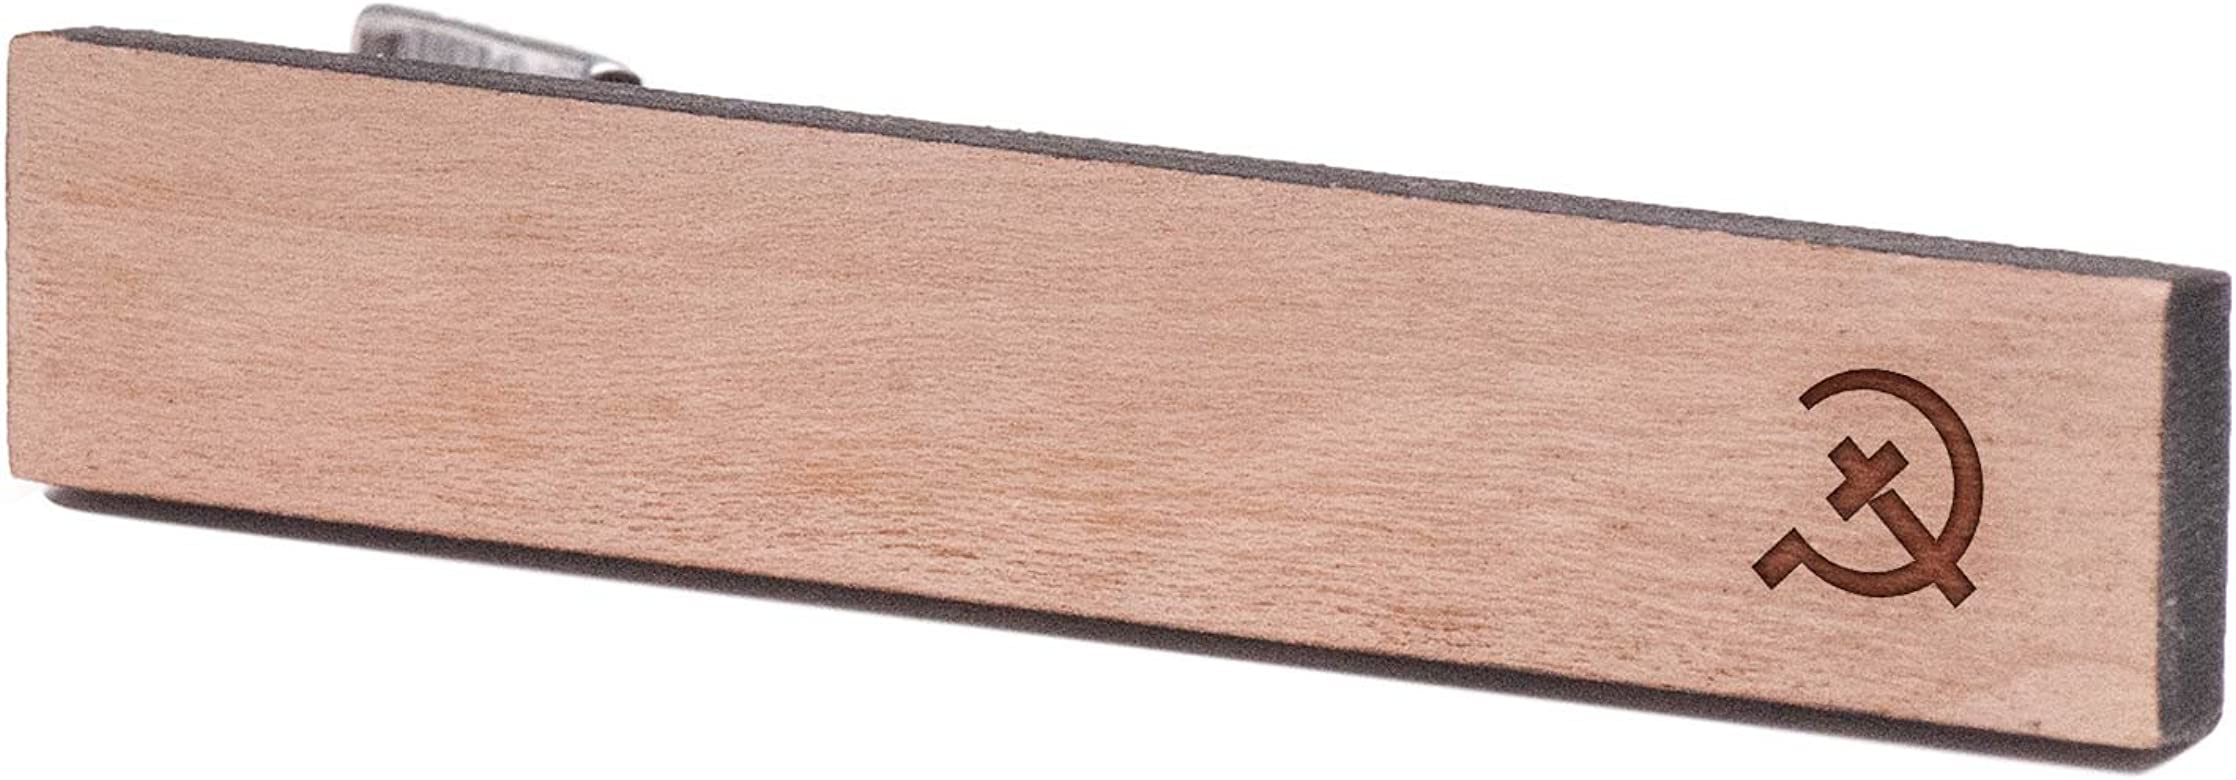 Católica comunismo, madera de corbata Tie Bar: Amazon.es: Joyería